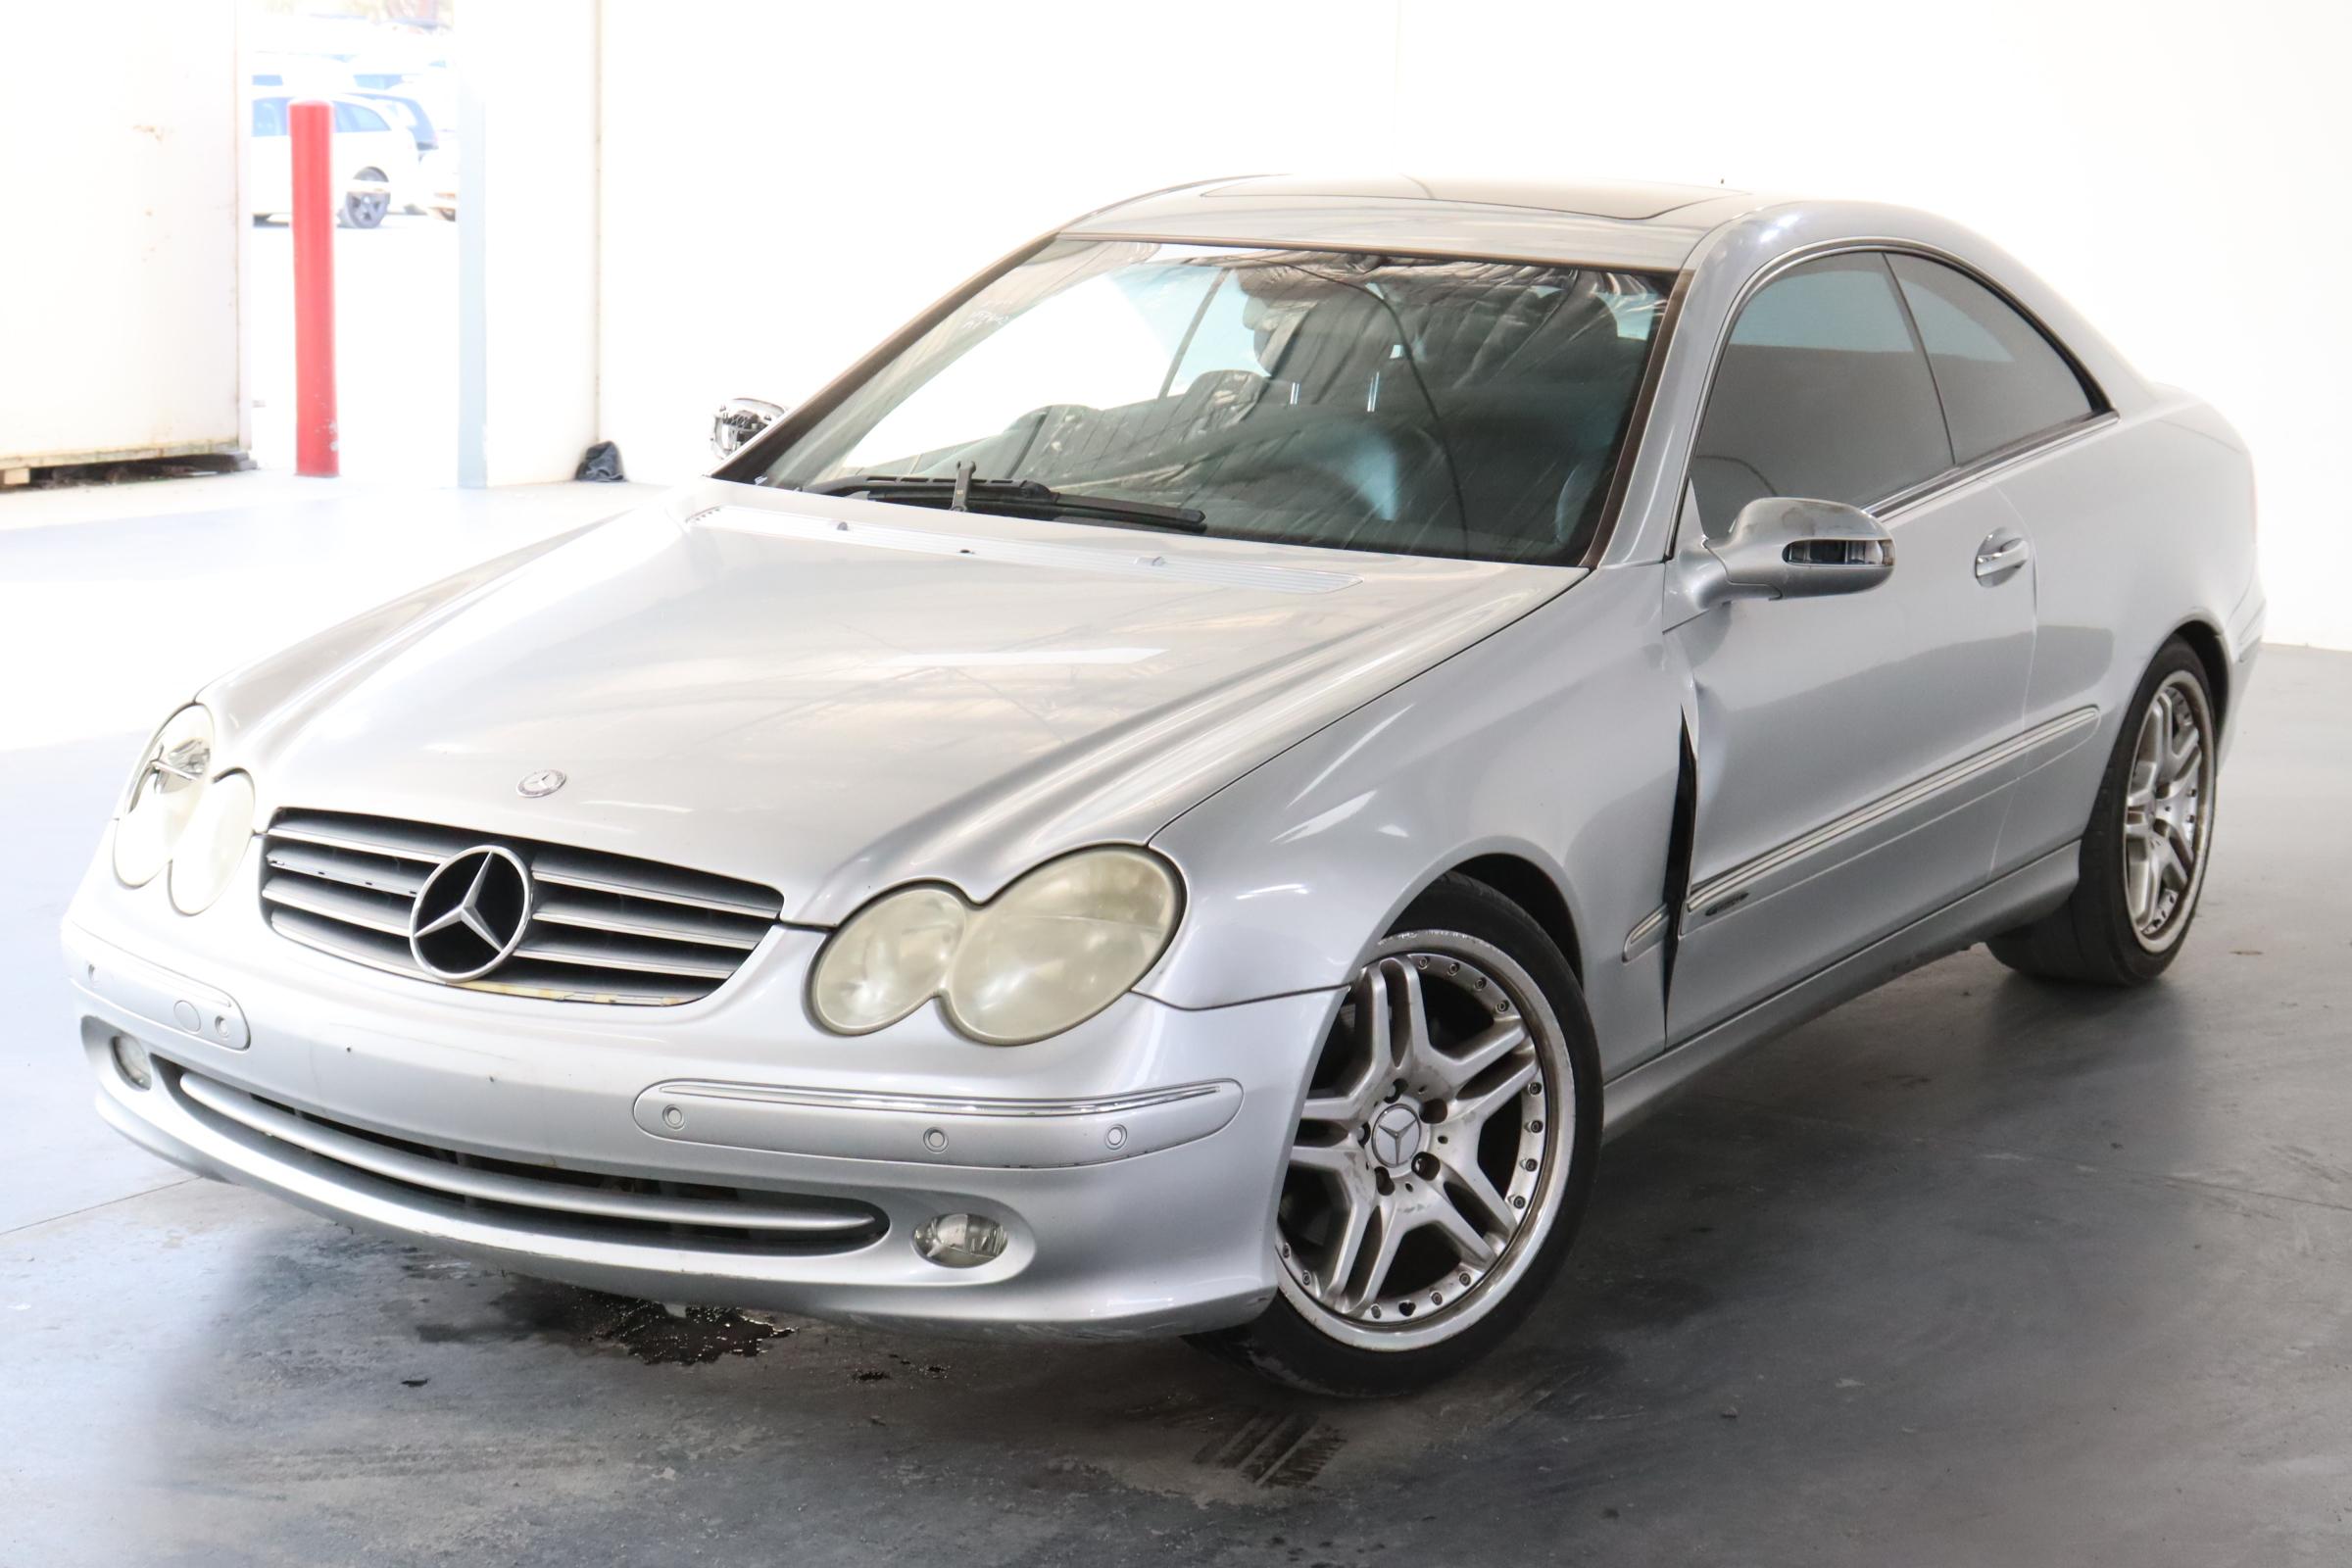 2003 Mercedes Benz CLK320 Elegance C209 Automatic Coupe